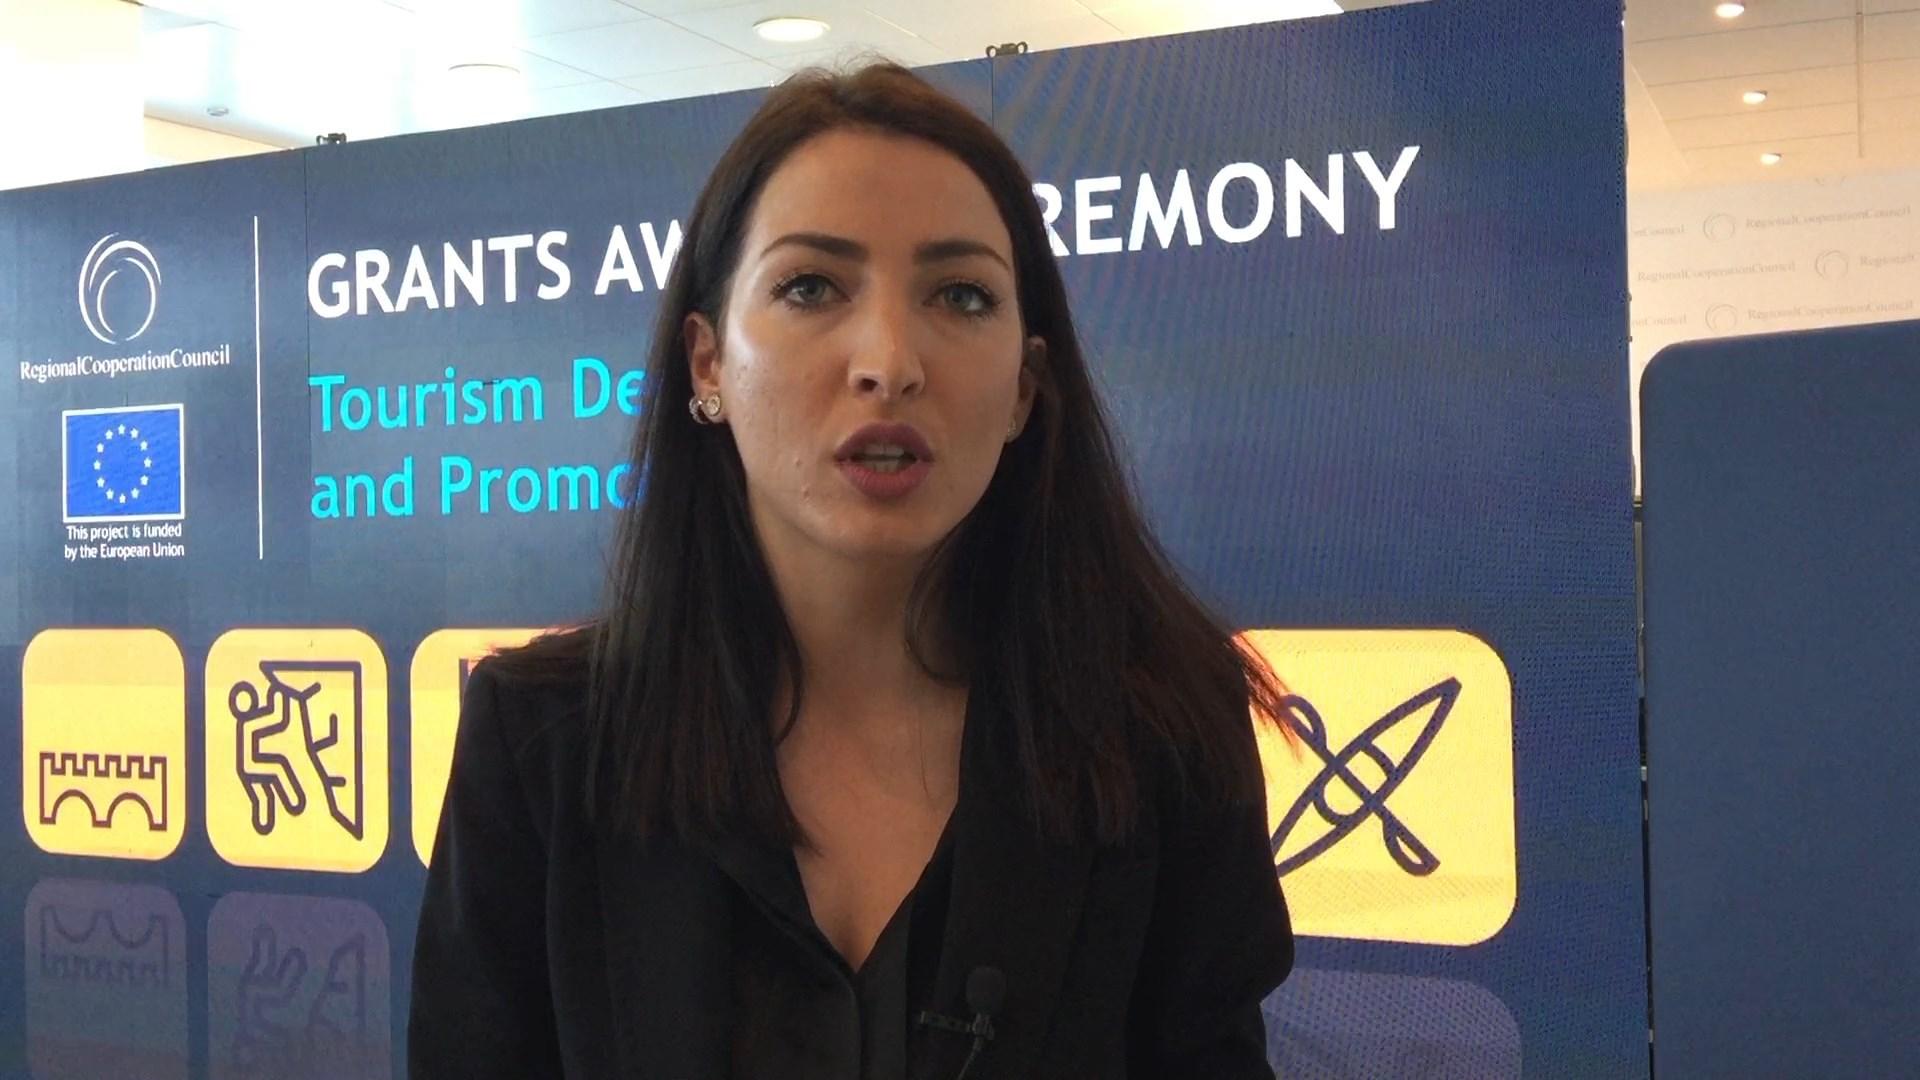 Turizëm/ KBR jep 12 grantet e para, përfitues edhe Shqipëria